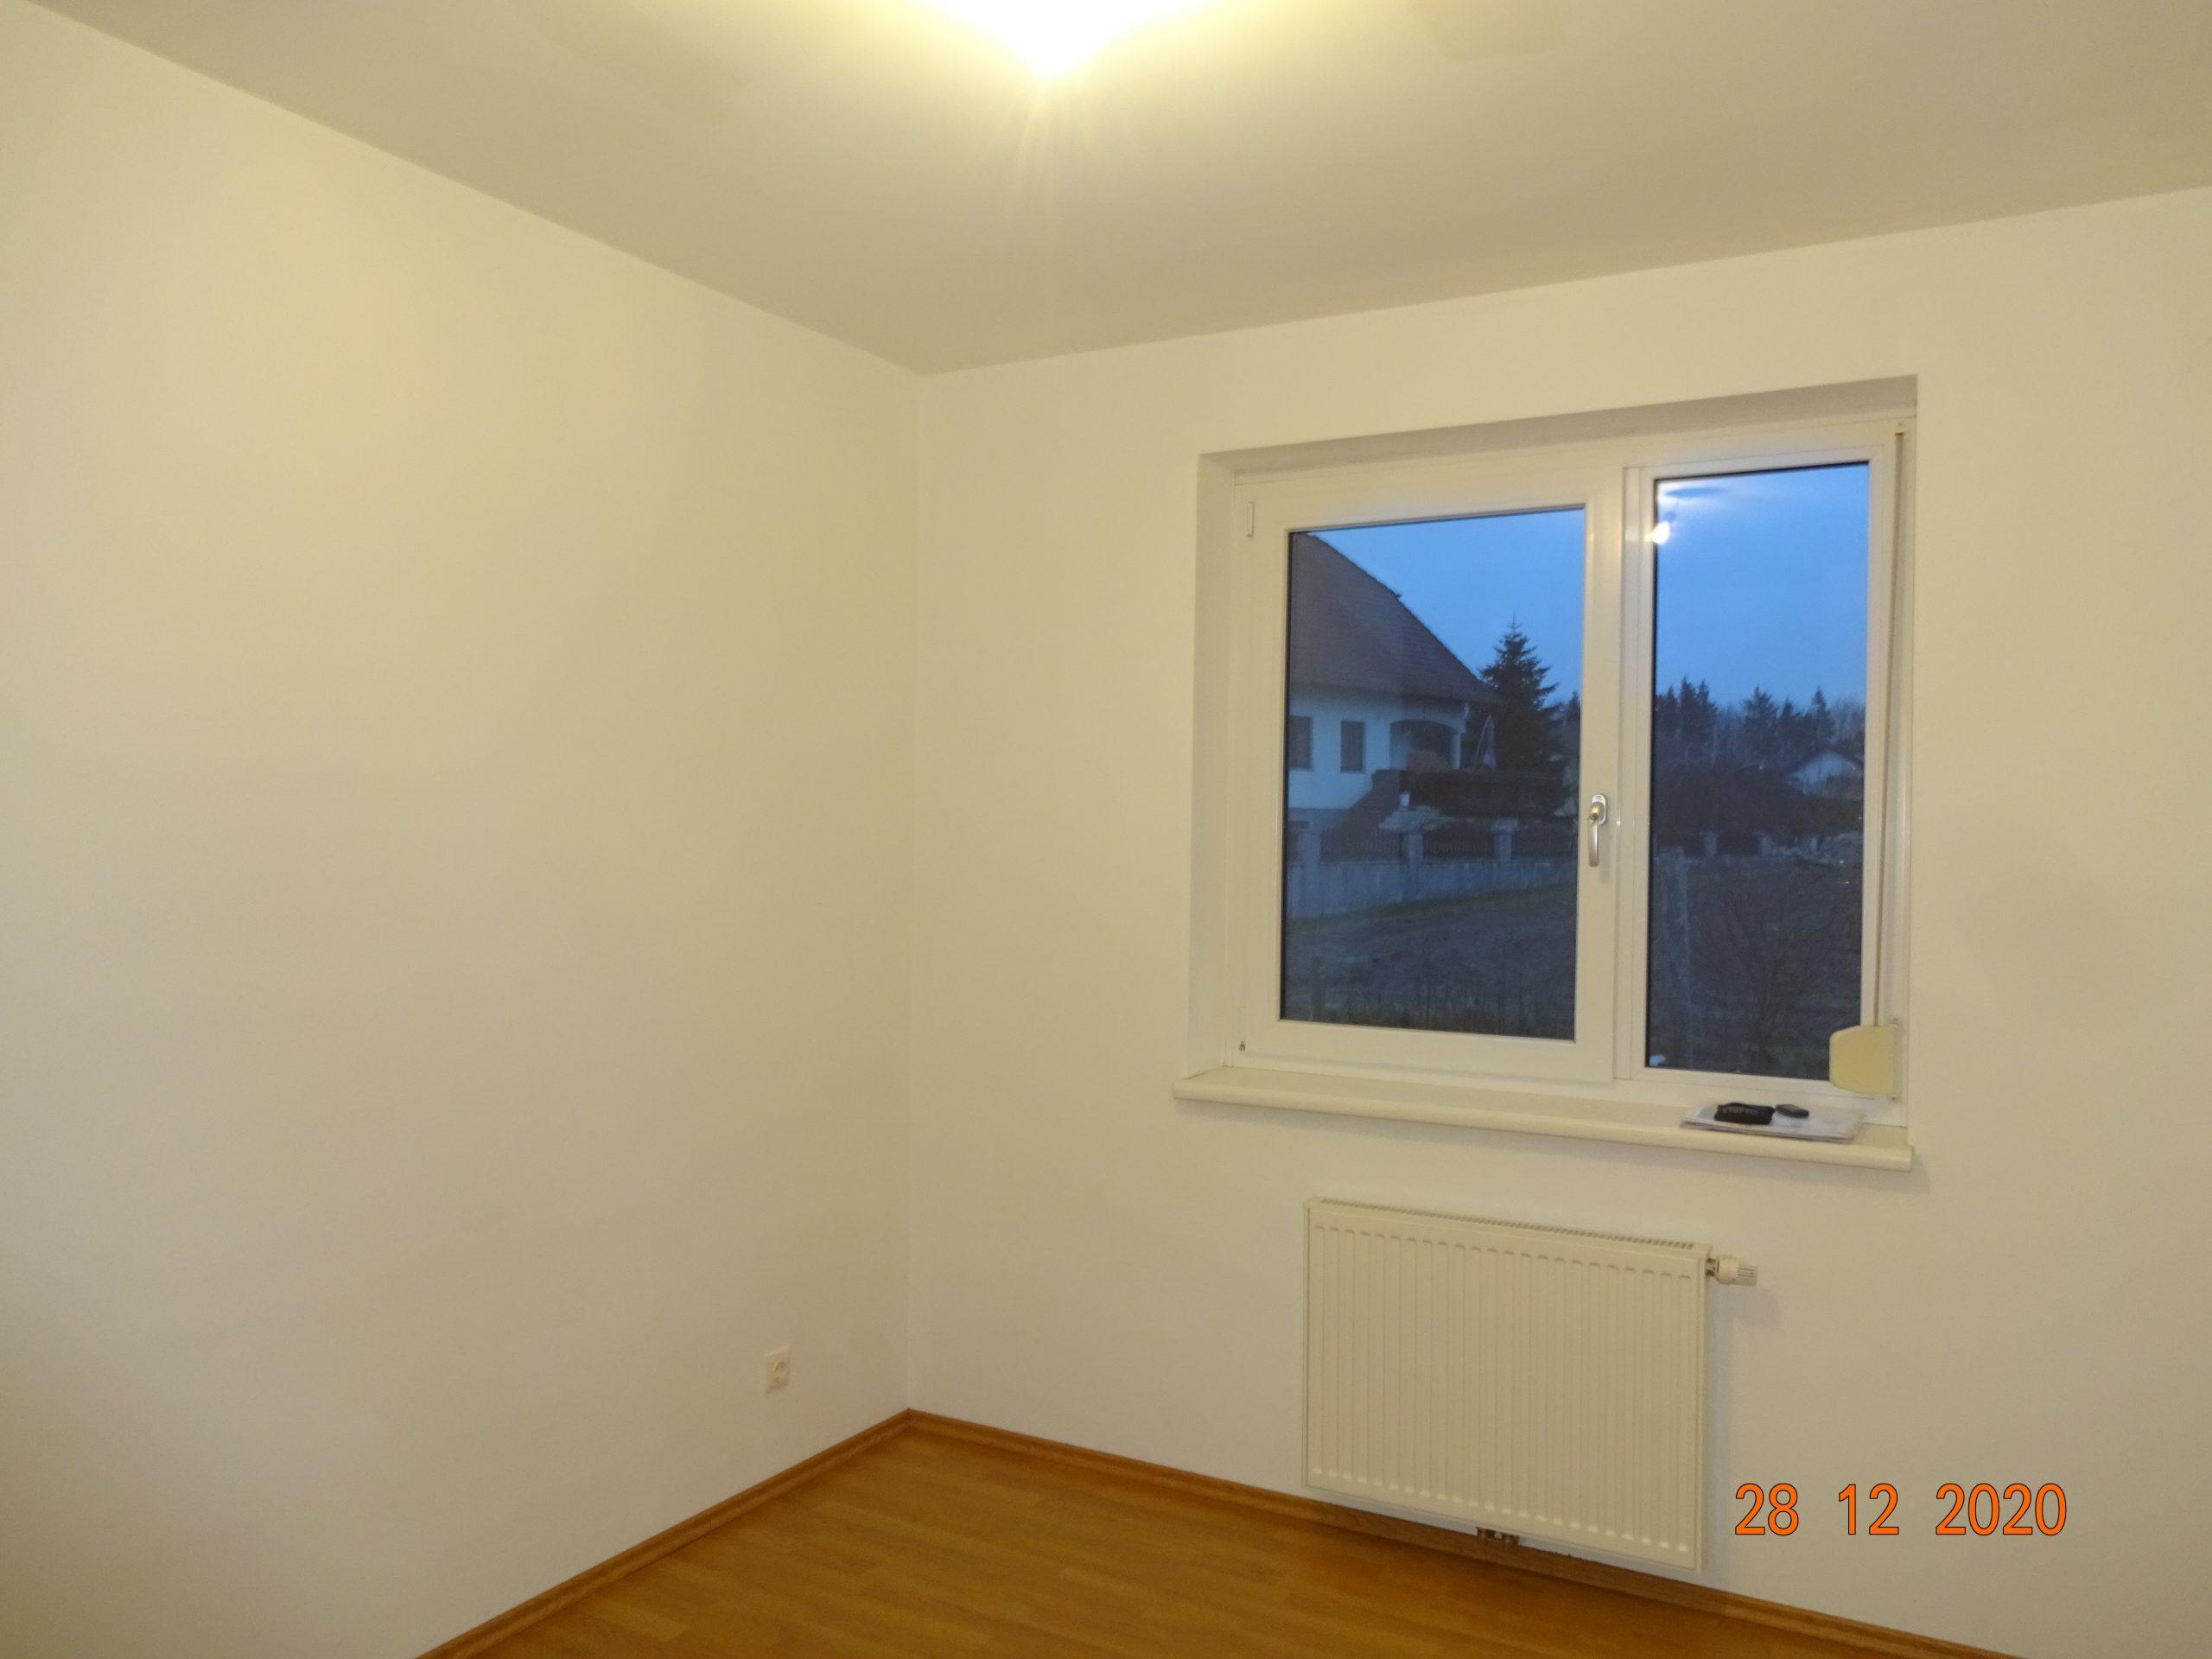 Immobilie von Kamptal in 3572 St. Leonhard am Hornerwald, Krems(Land), St. Leonhard I/2 - Top 202 #5